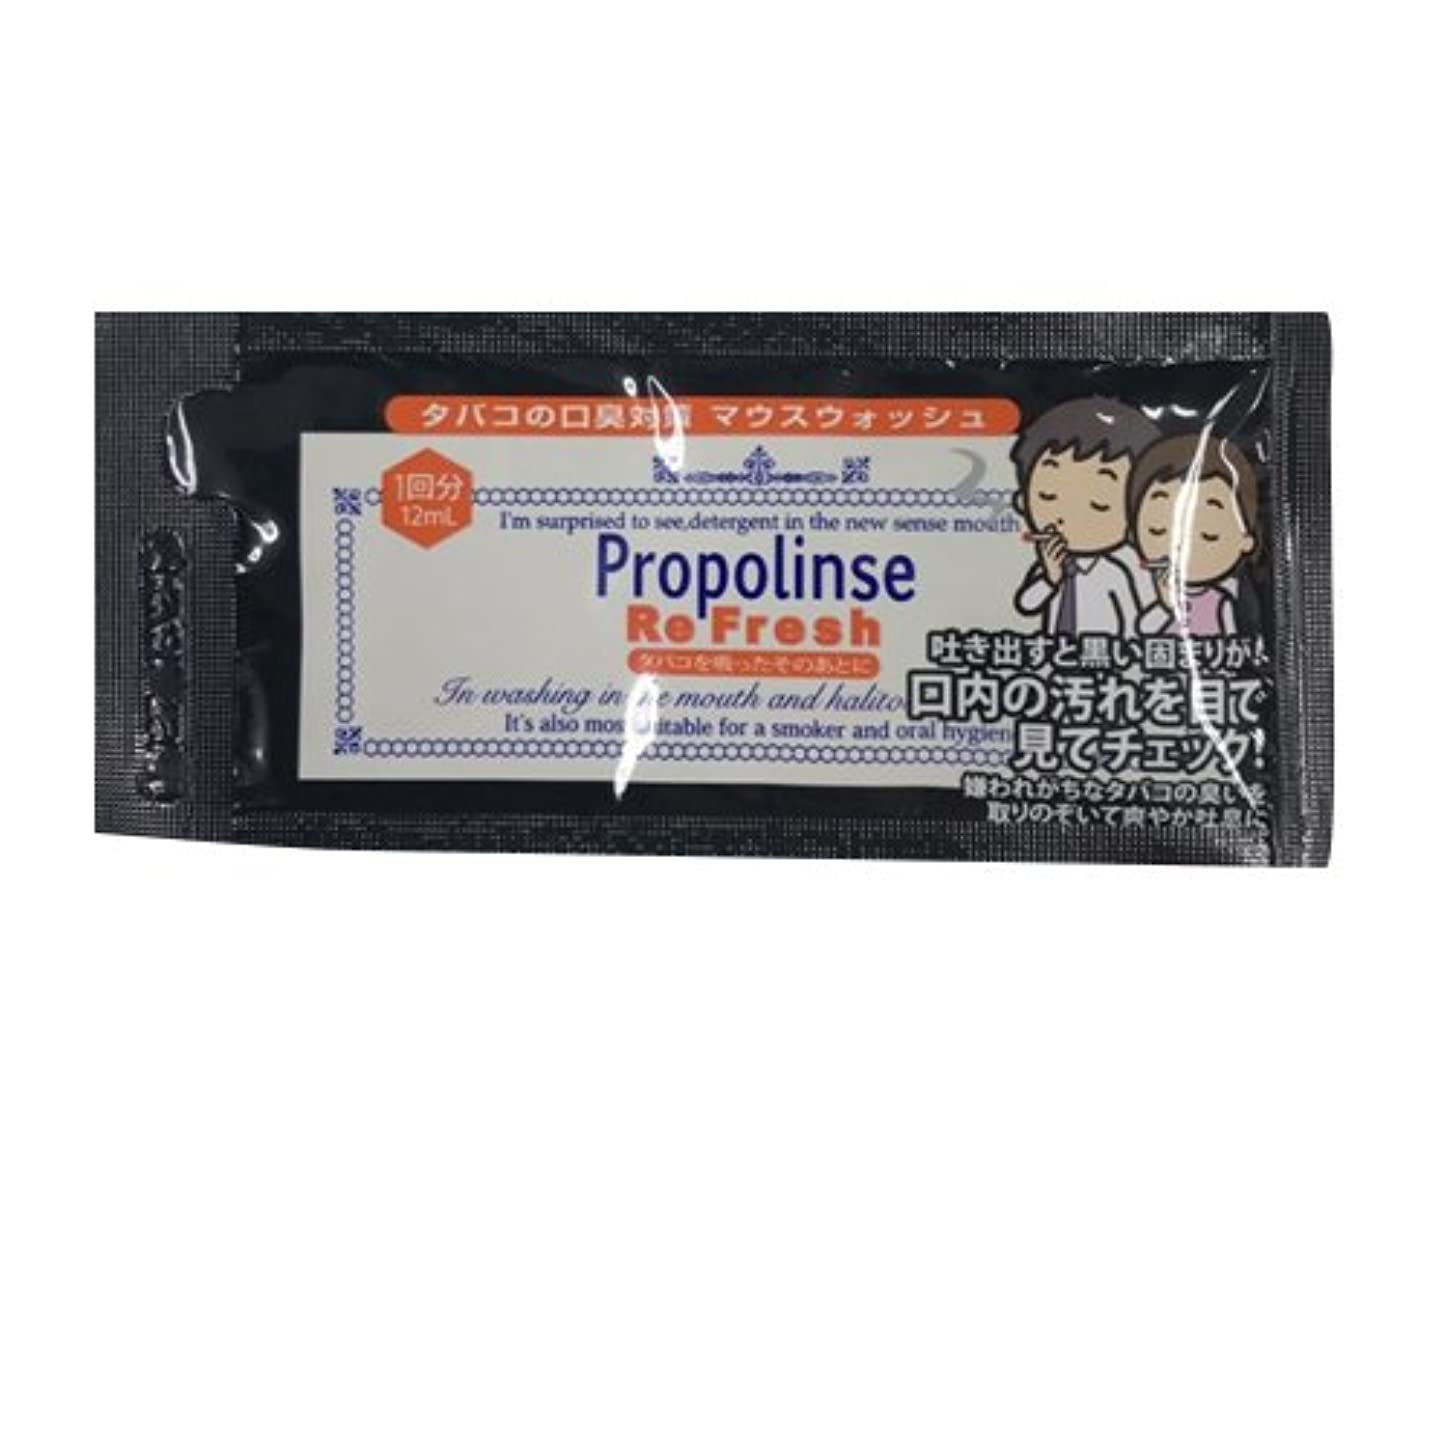 エキス用量ハブブプロポリンス ハンディパウチ12ml ×10個 リフレッシュ